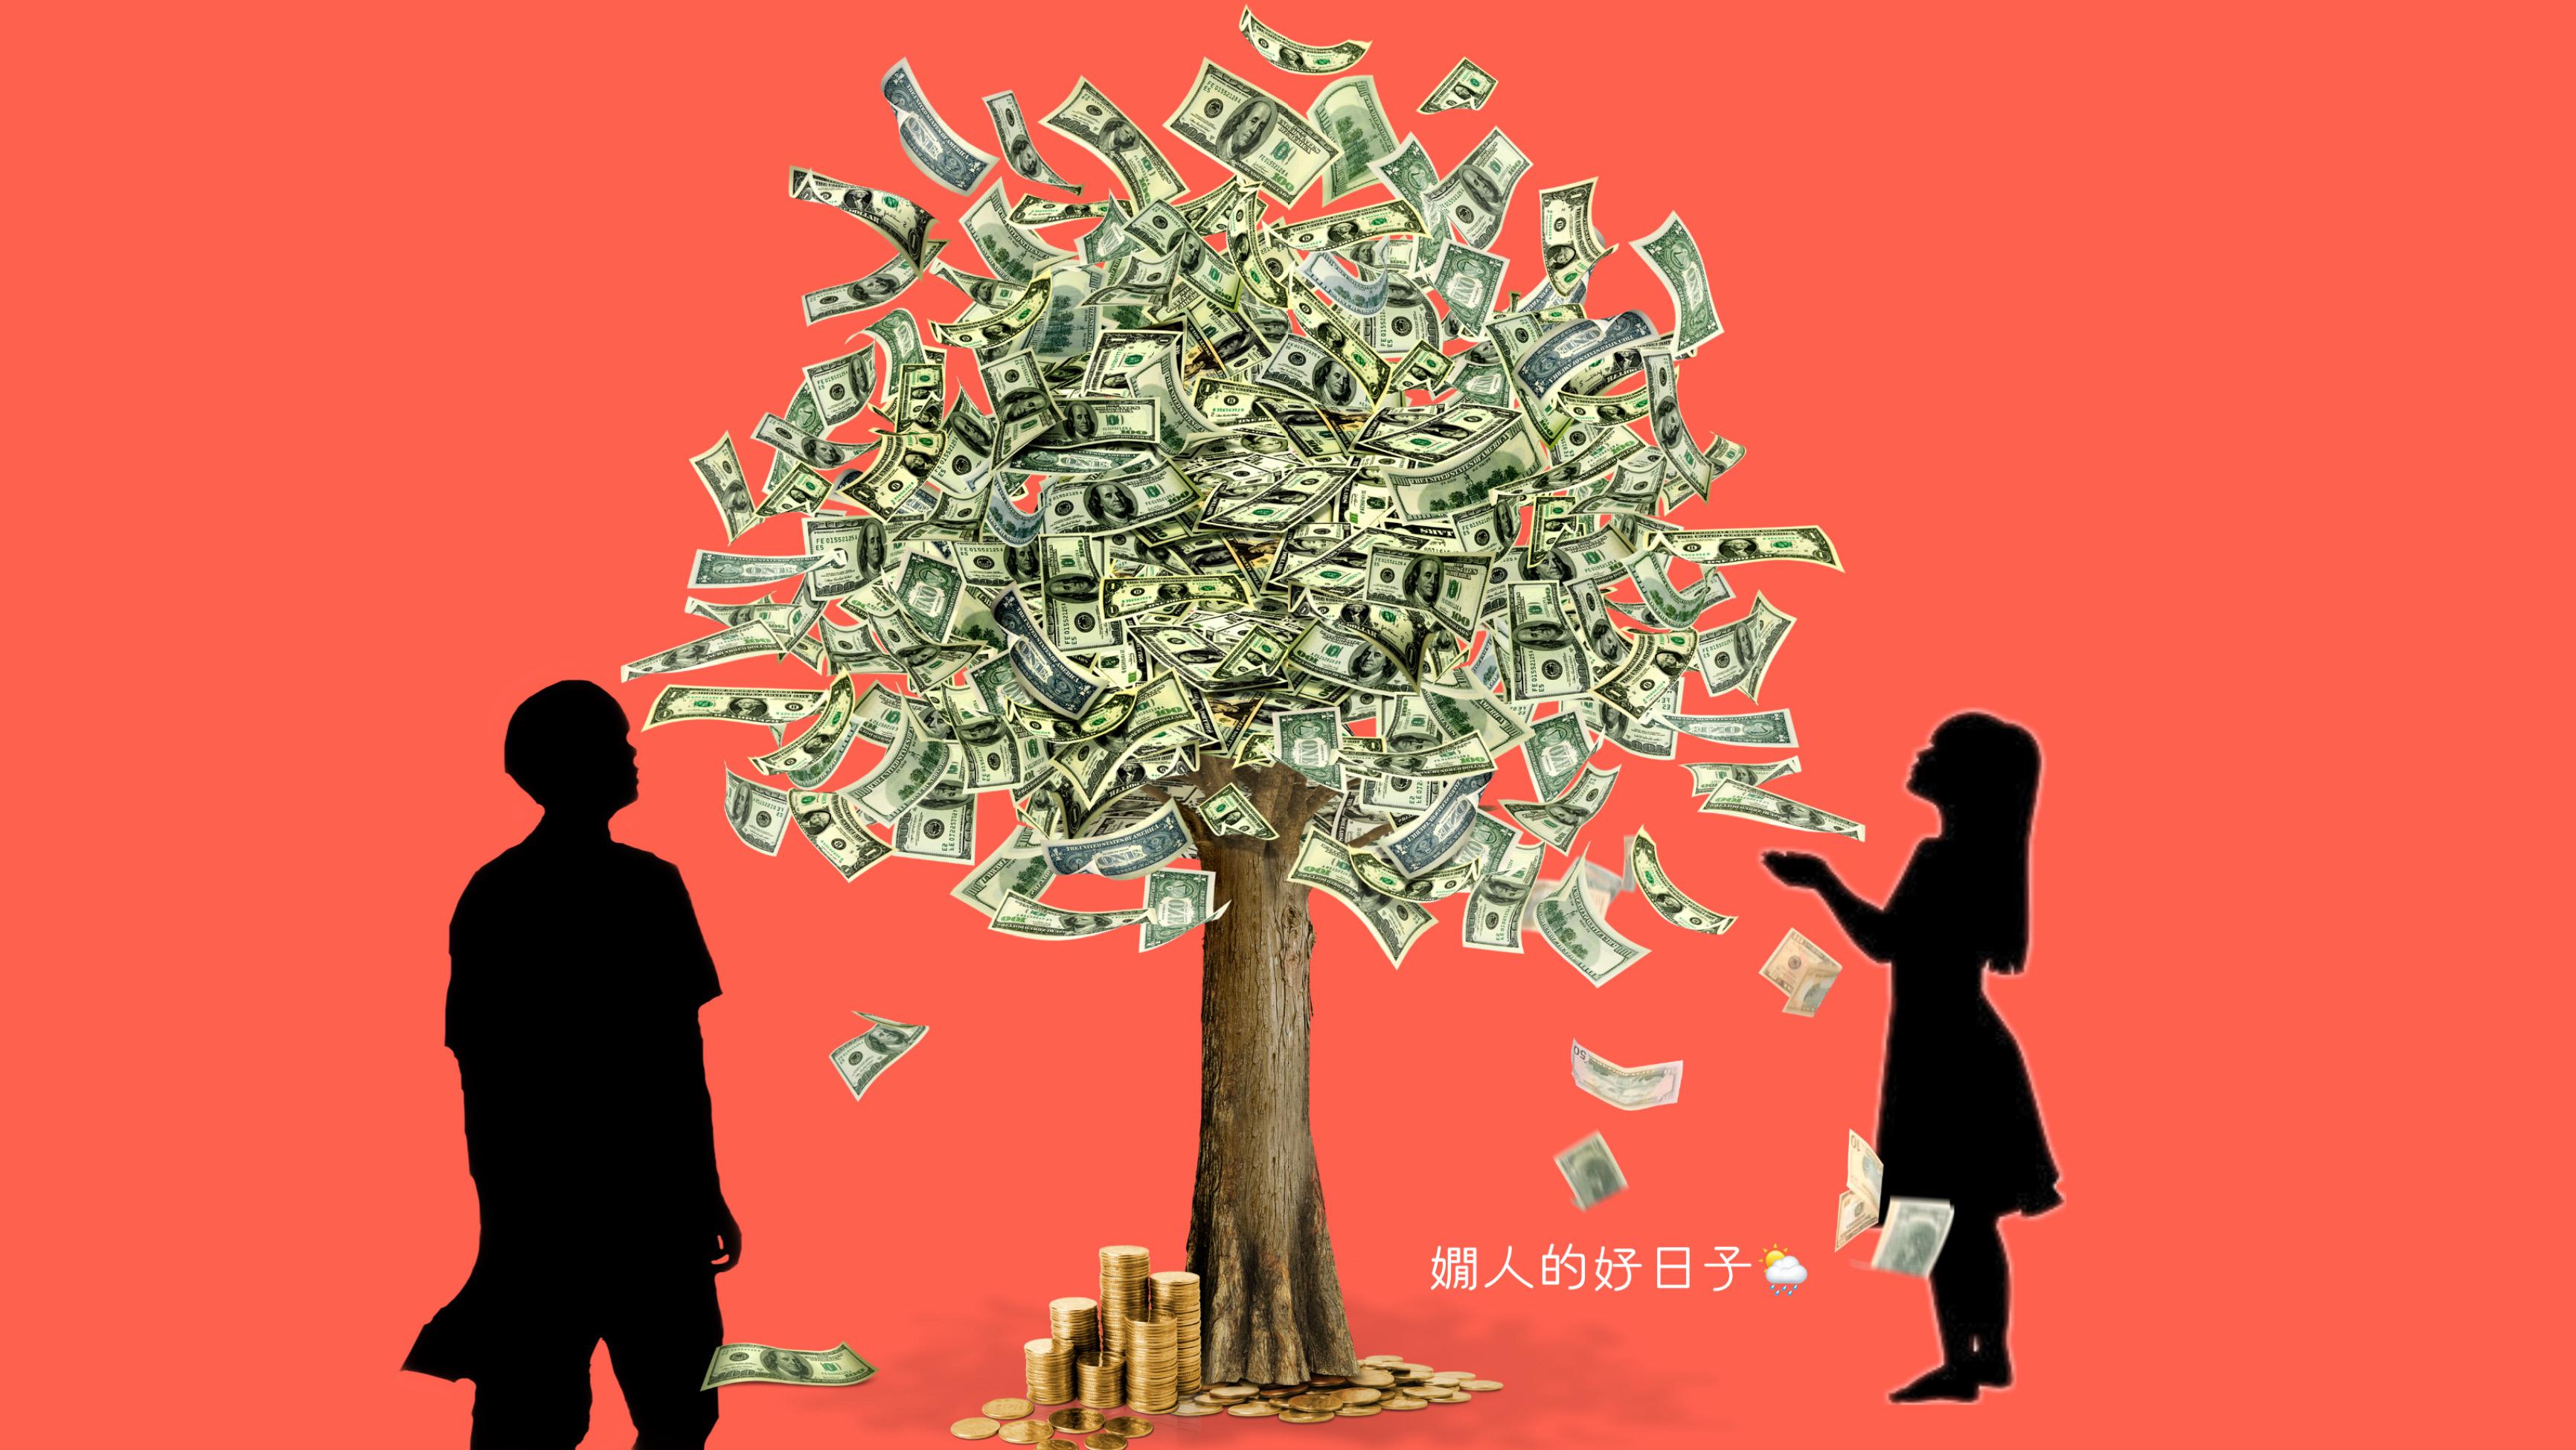 要退休, 錢不是最重要 的事?關於退休的理性與感性